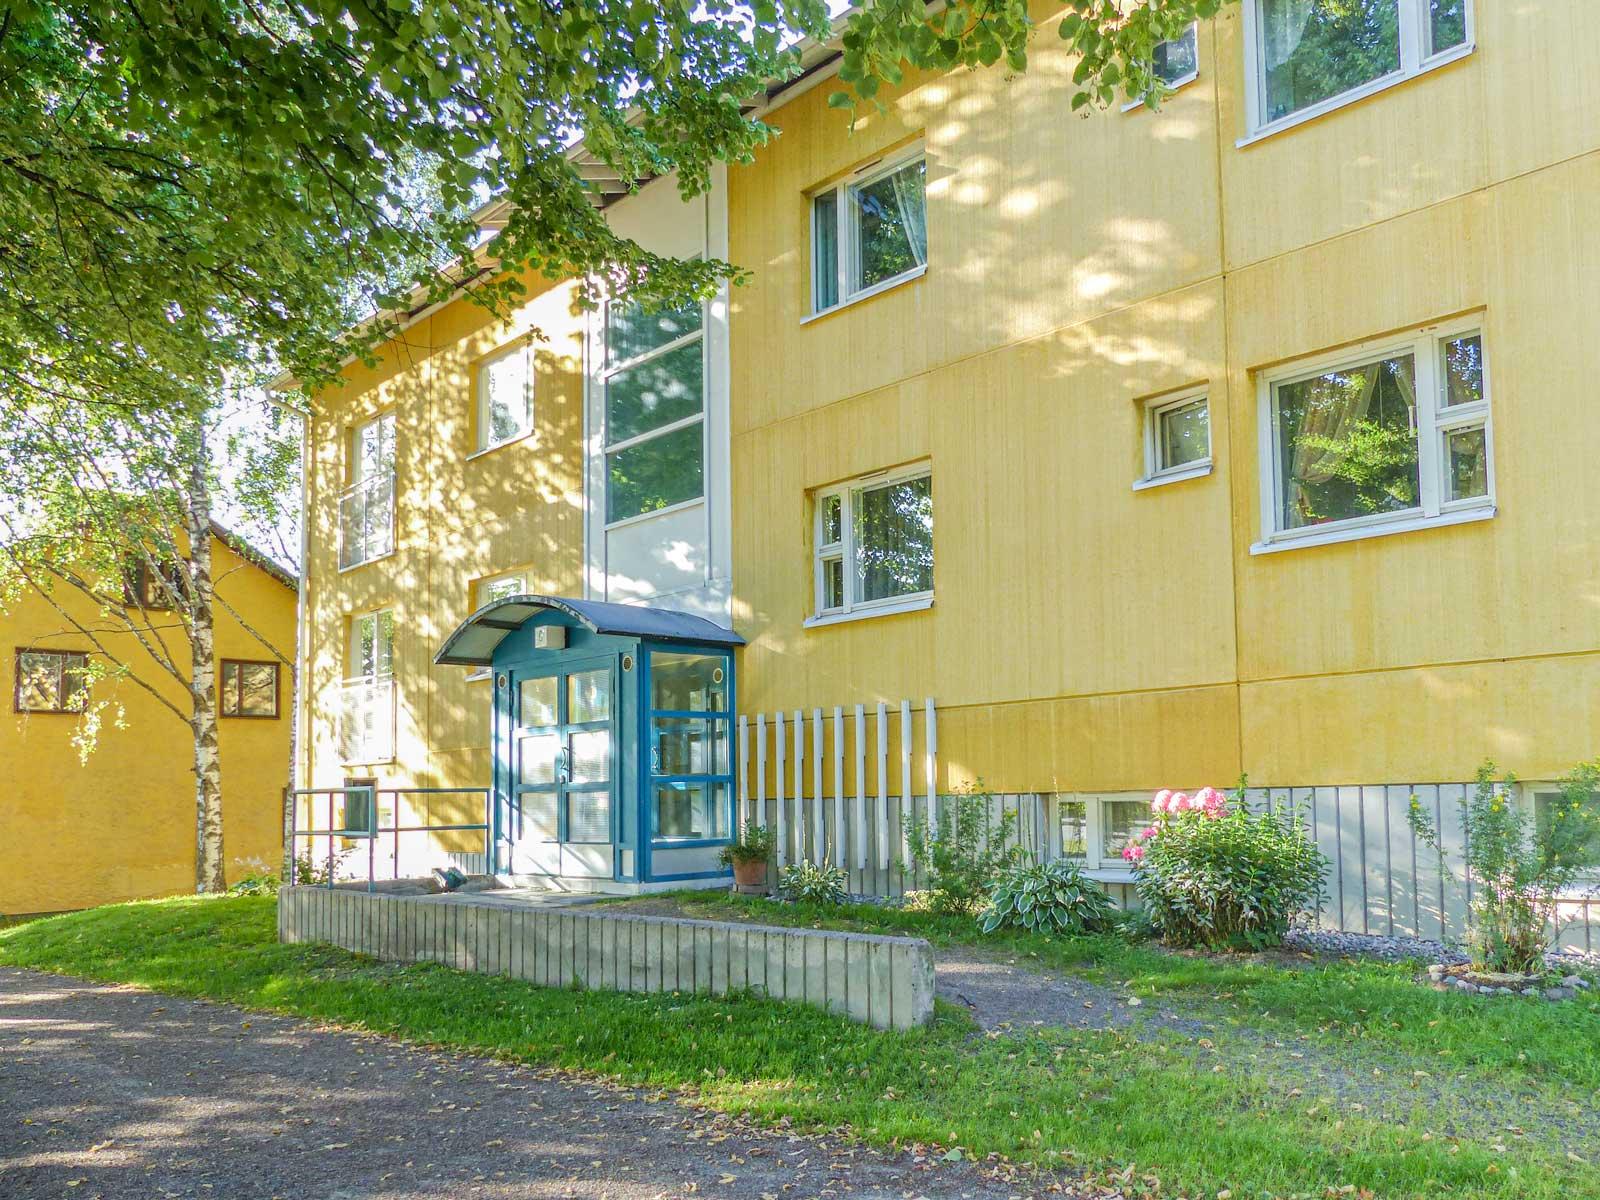 Ahjolankatu 2, Riihimäki